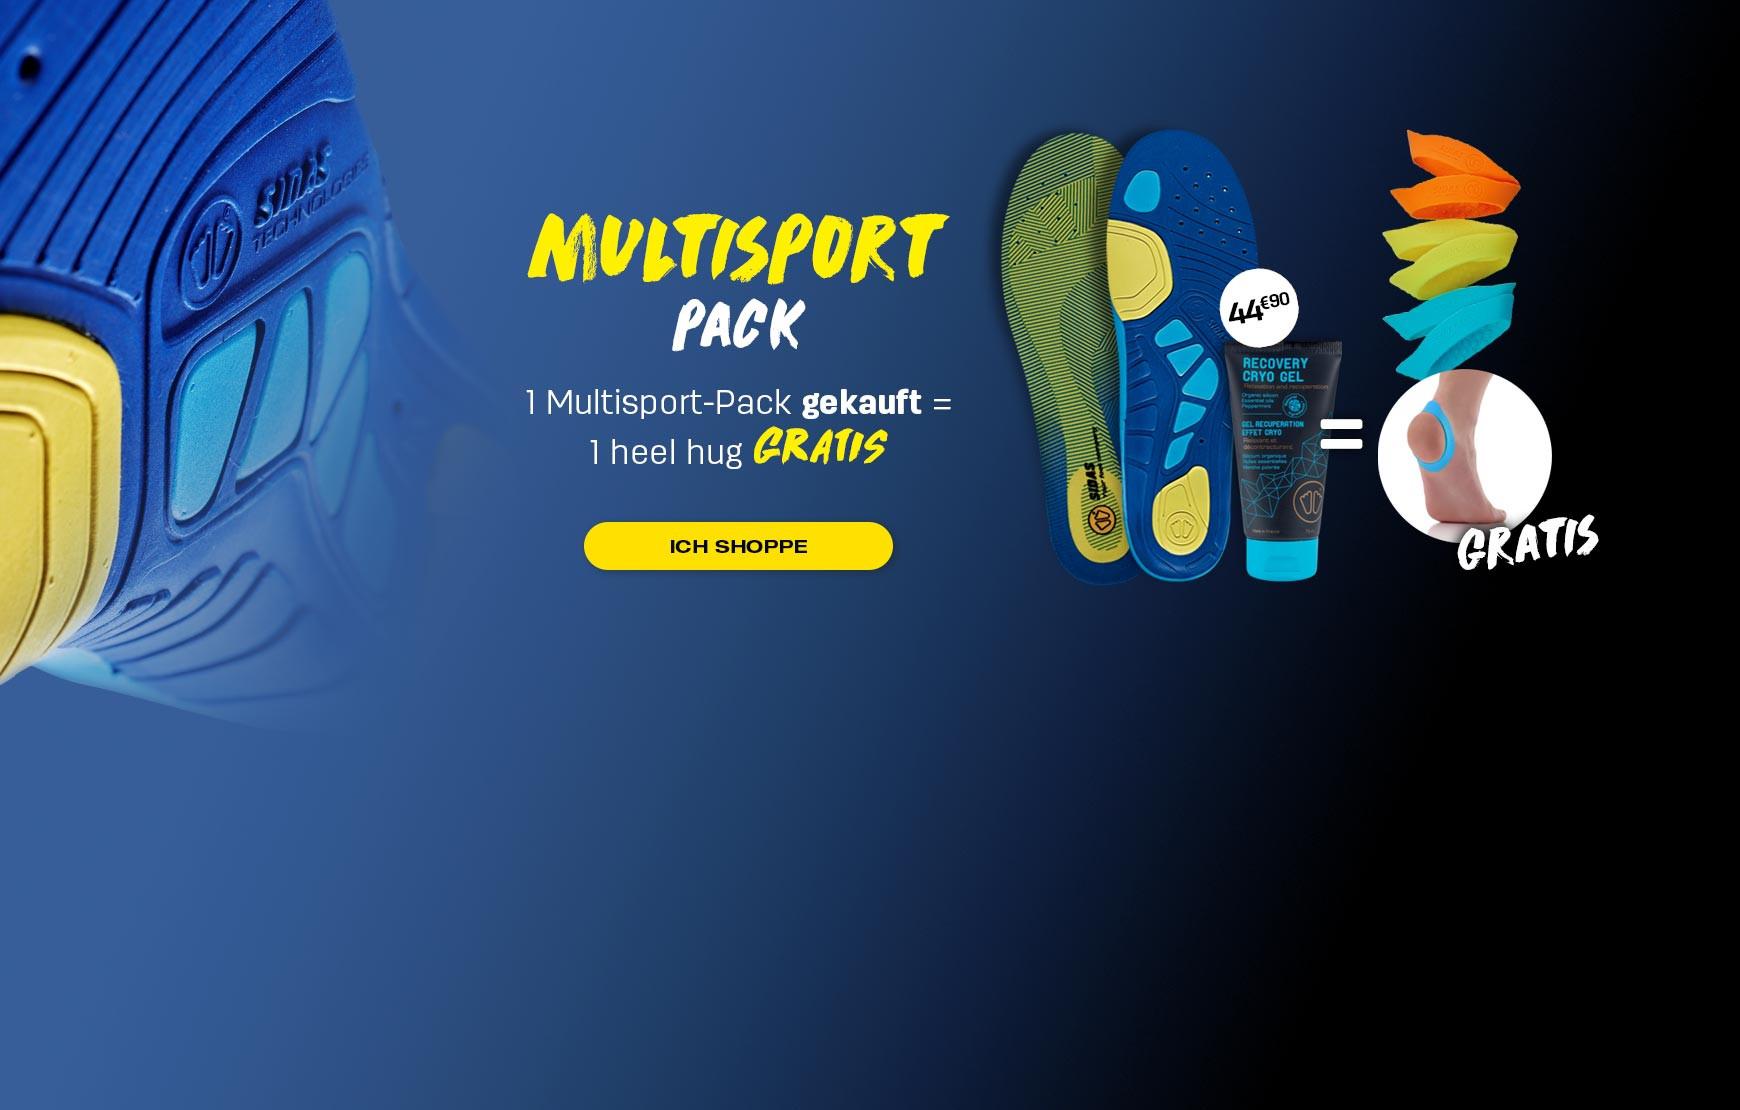 Genießen Sie unser Multisportpaket und verschenken Sie Ihre Fersenumarmung!